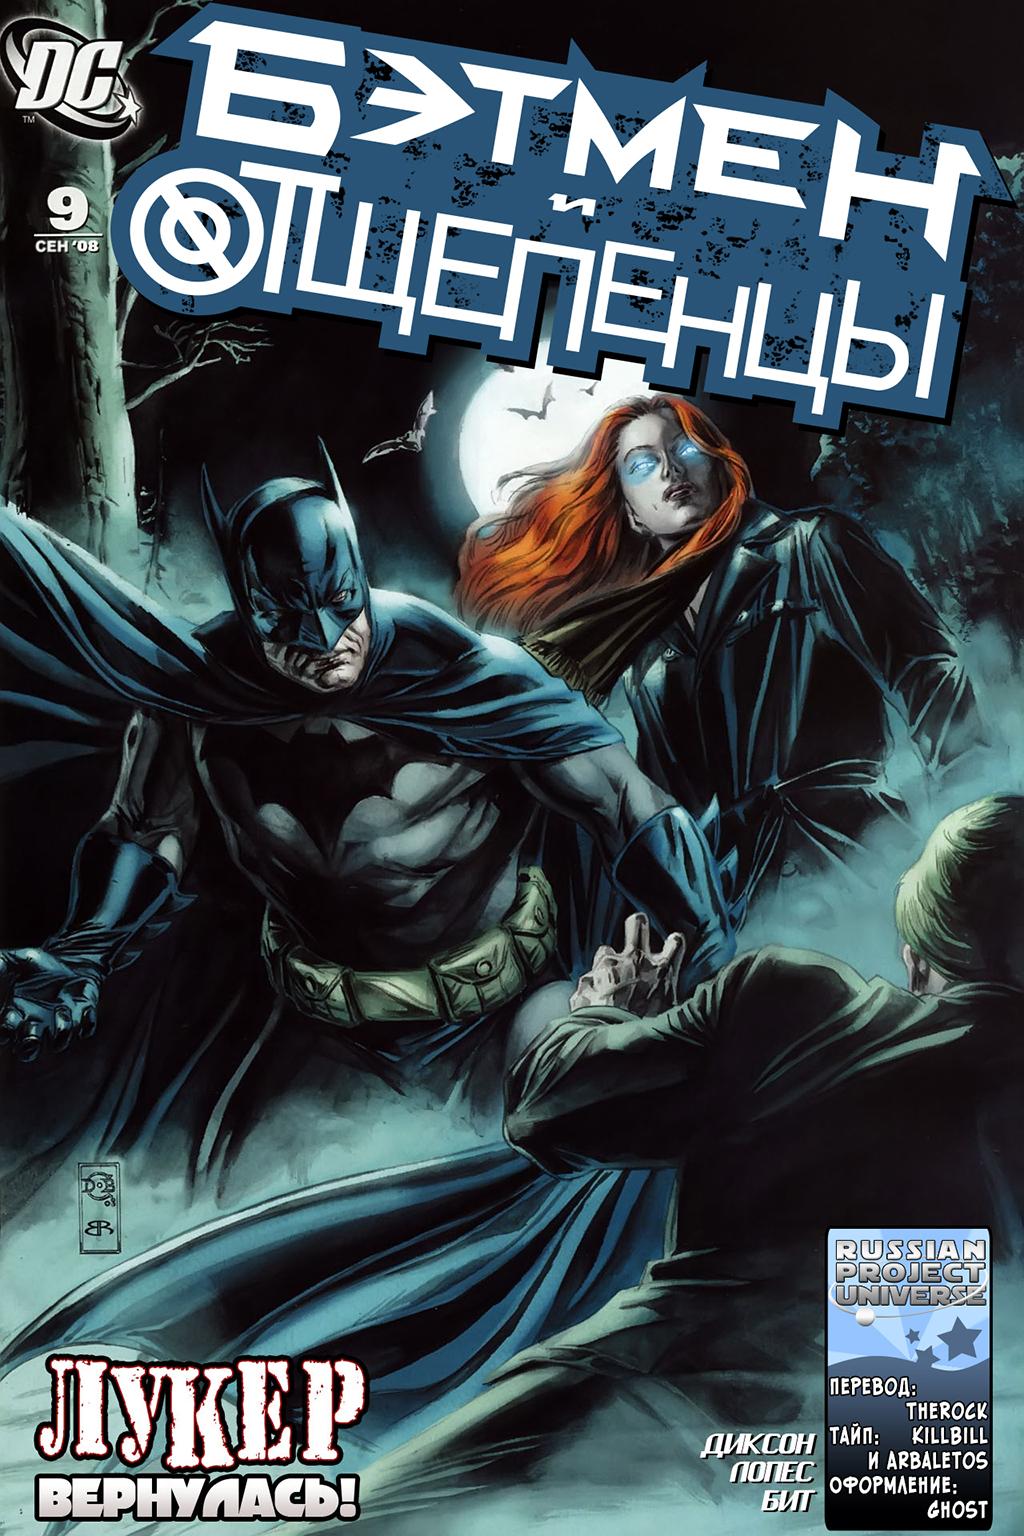 Комикс Бэтмен и Отщепенцы